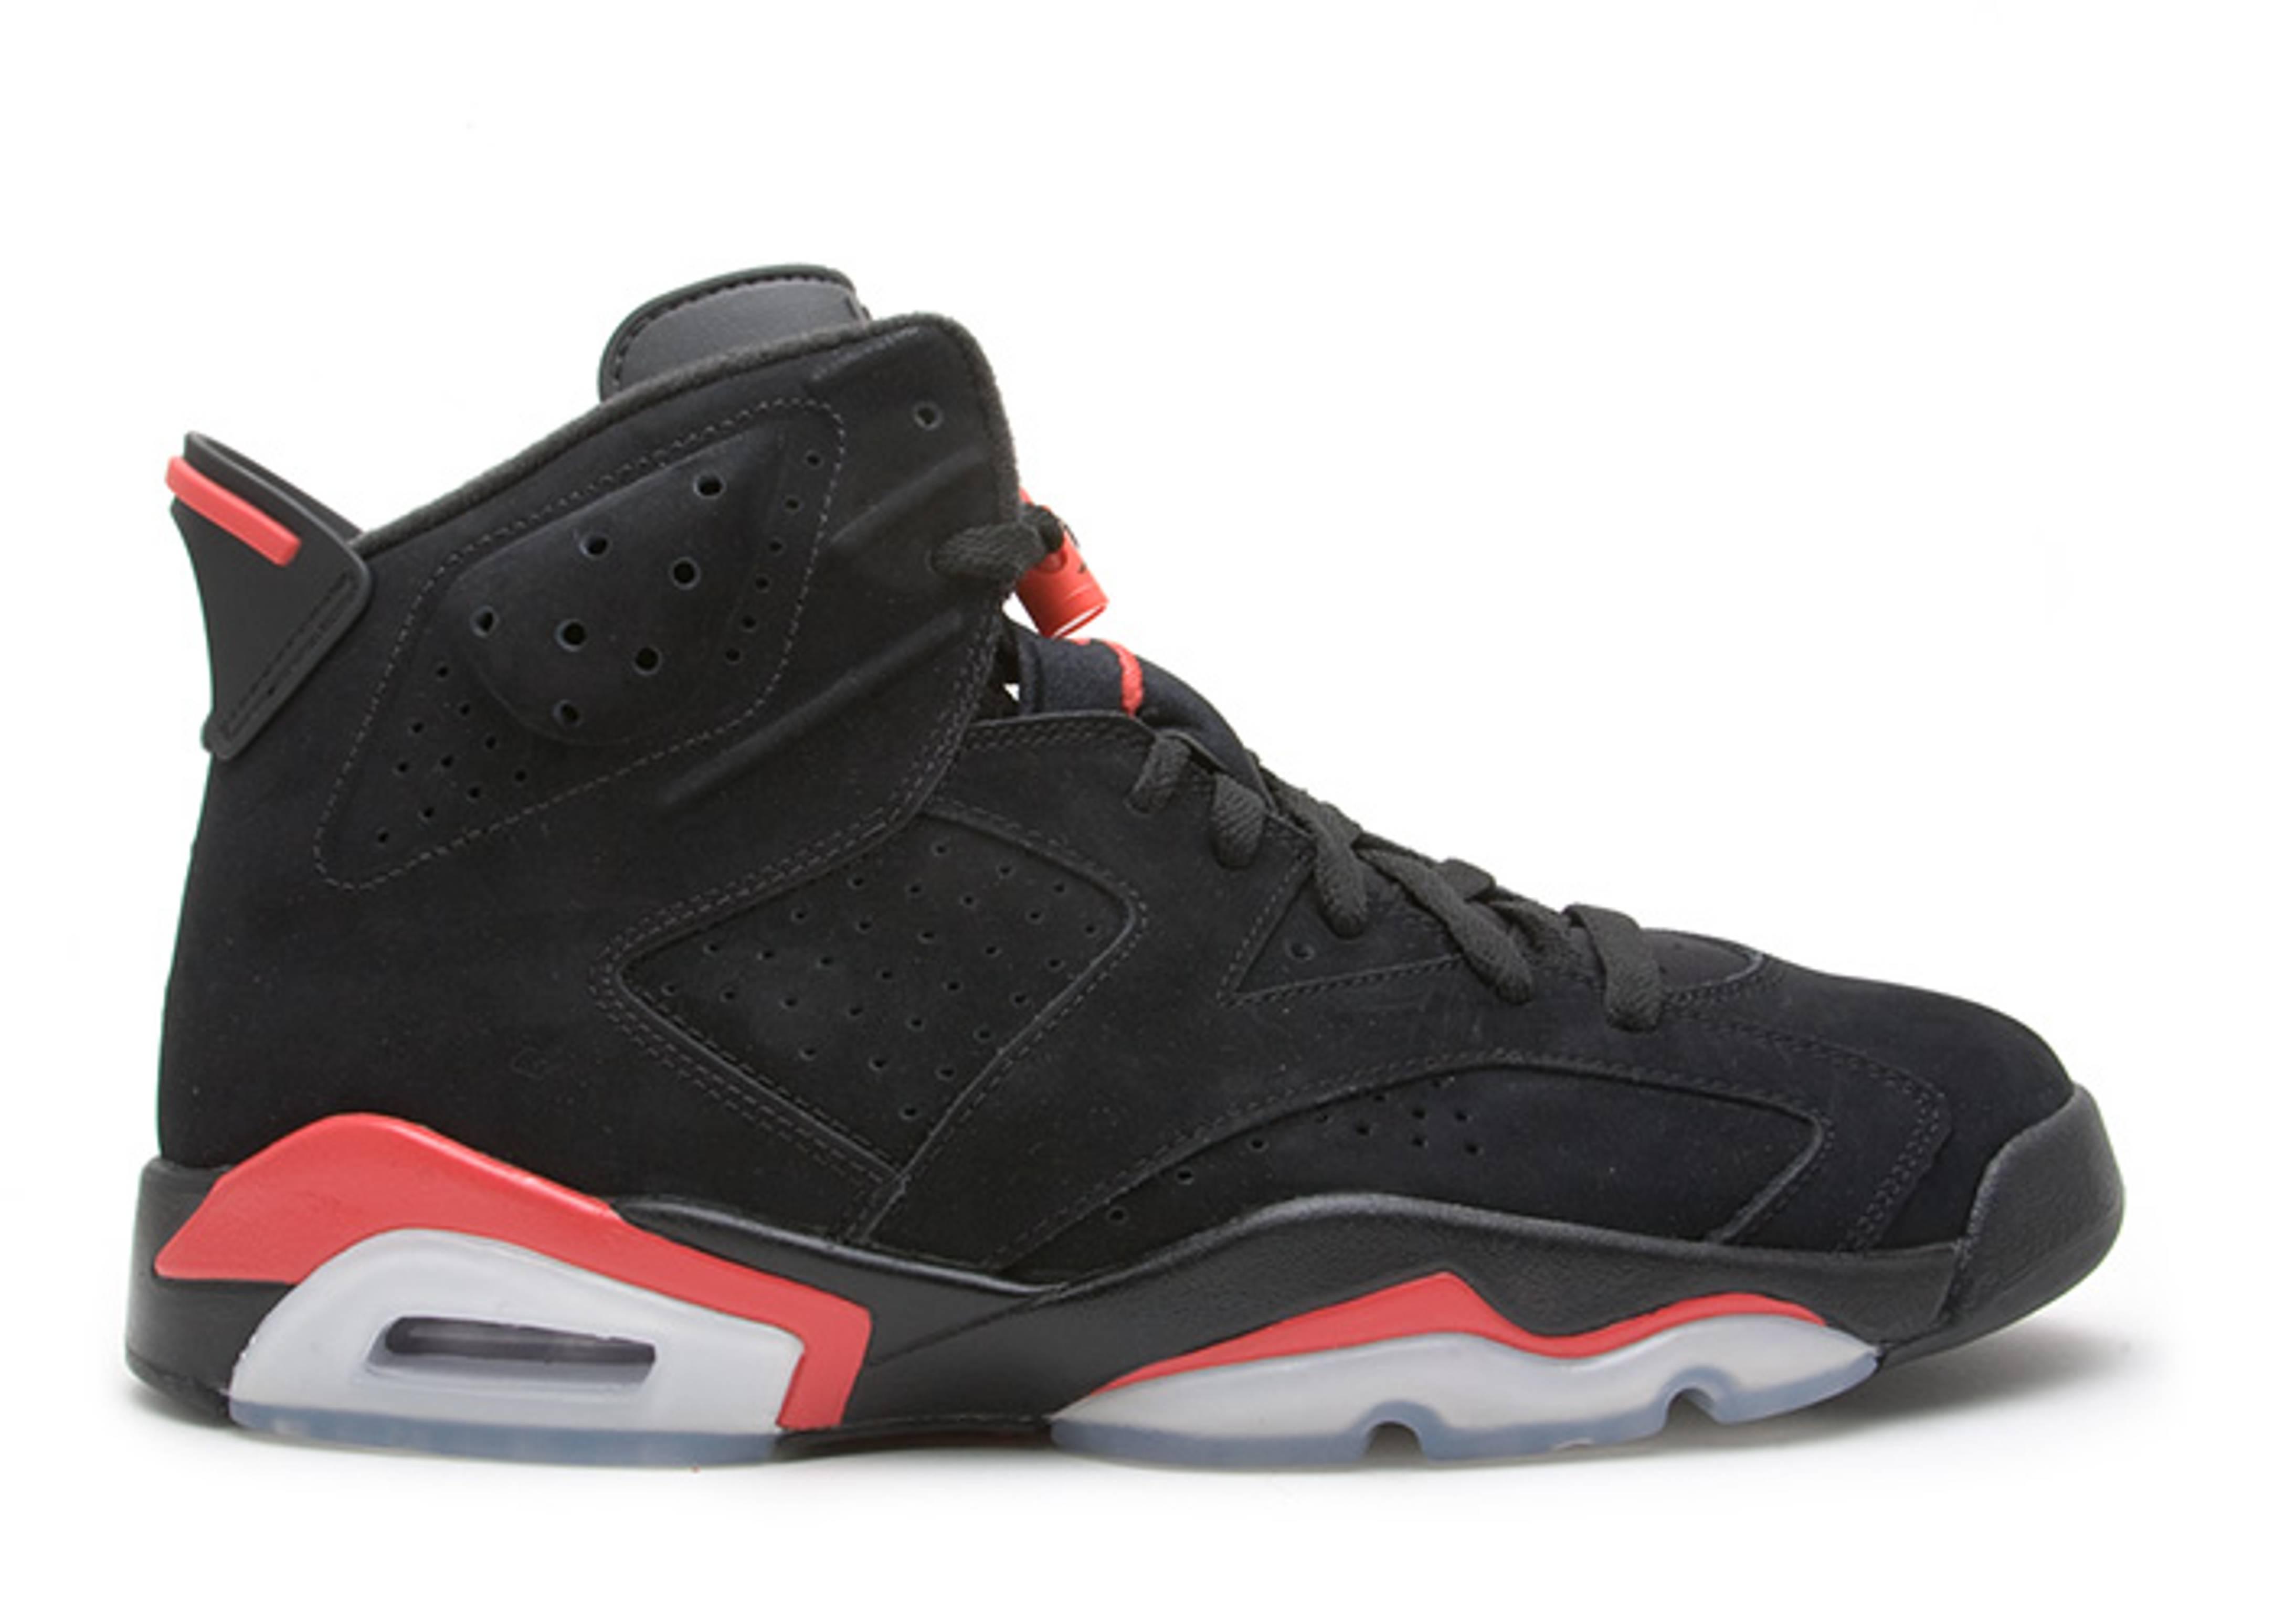 6s Jordans 2015